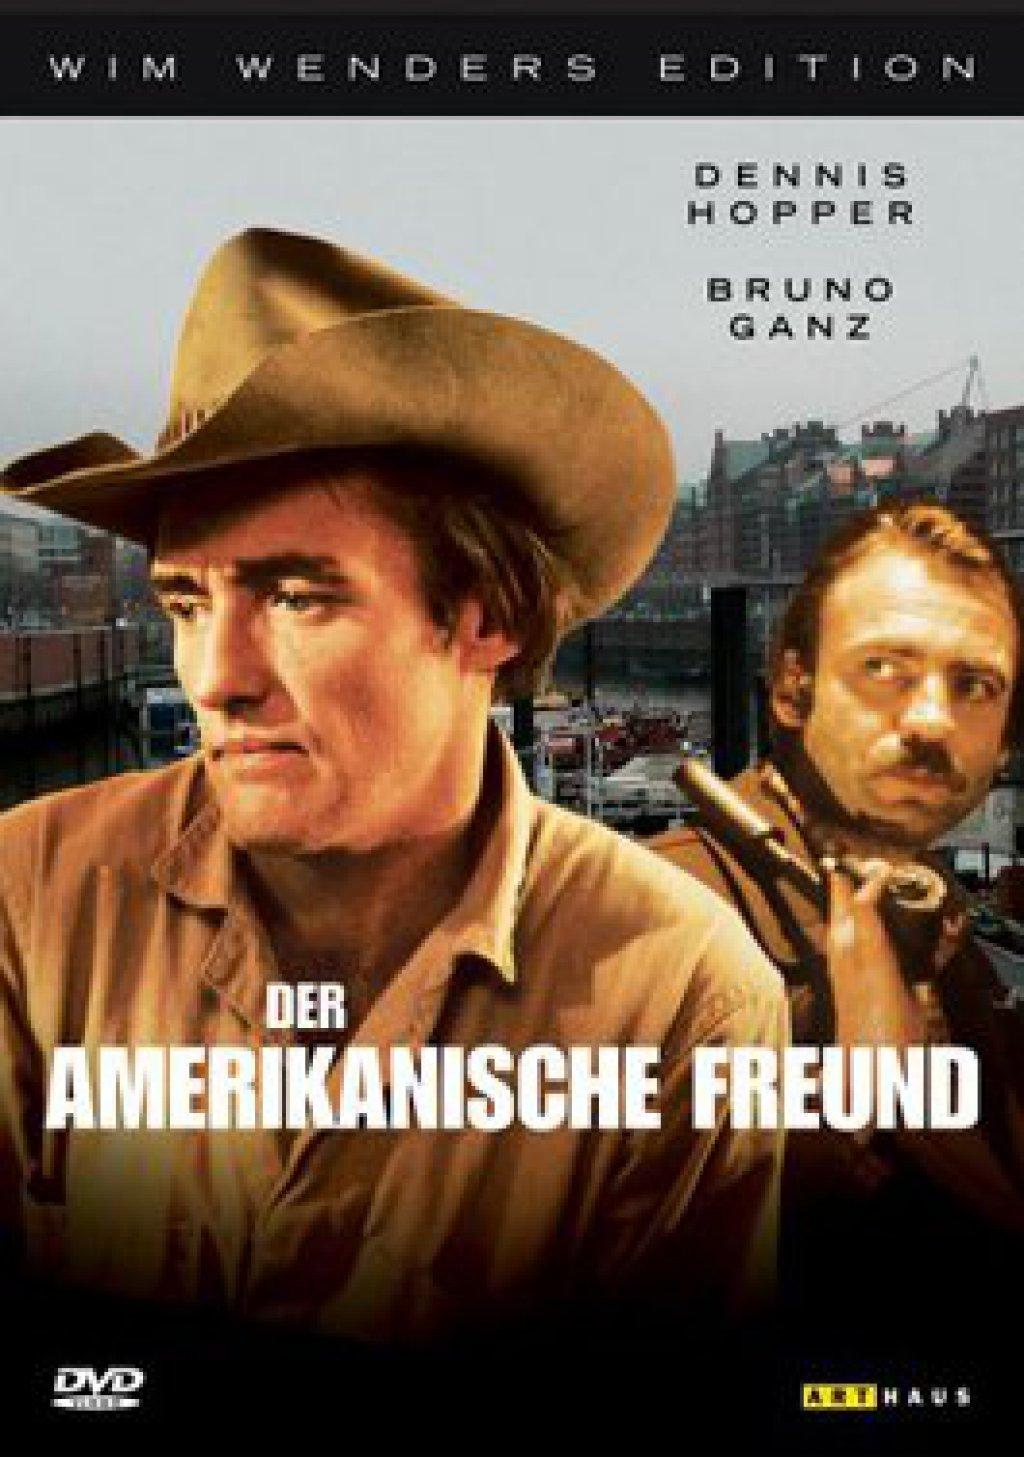 Der amerikanische Freund - Wim Wenders Edition (DVD)